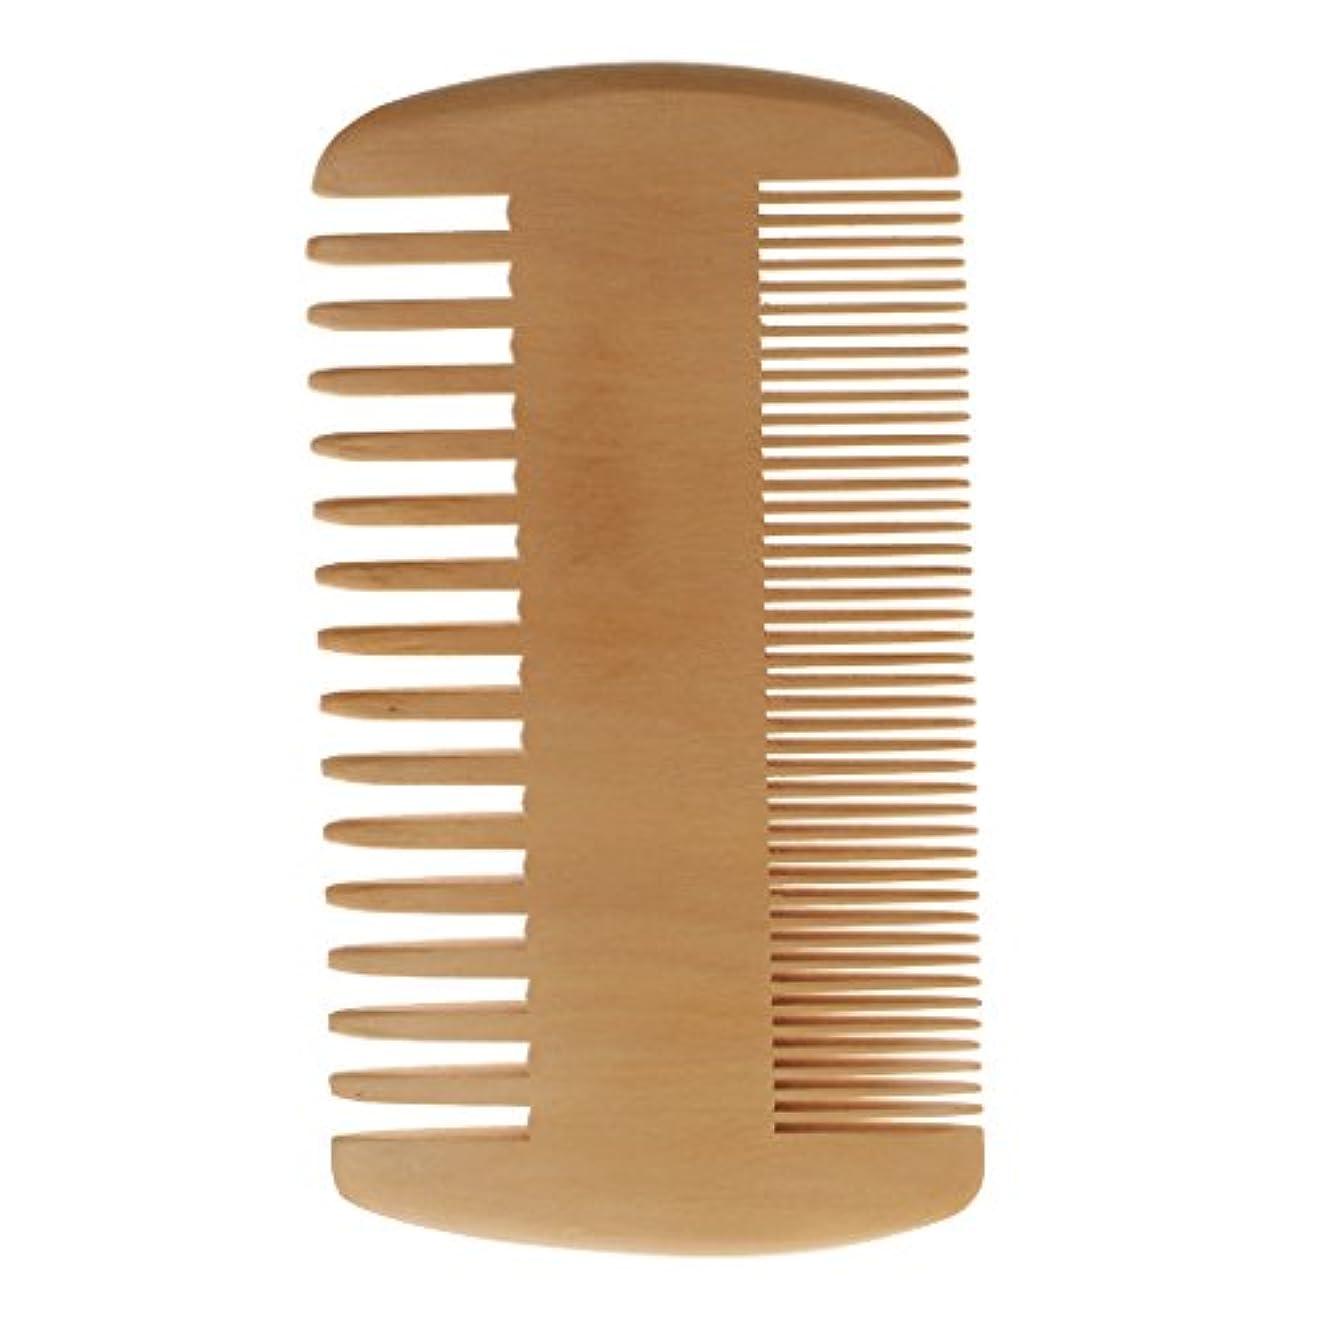 ビリー暖炉耐久ポケットコーム 木製コーム 木製櫛 ヘアダイコーム ヘアブラシ 2倍 密度 歯 携帯 便利